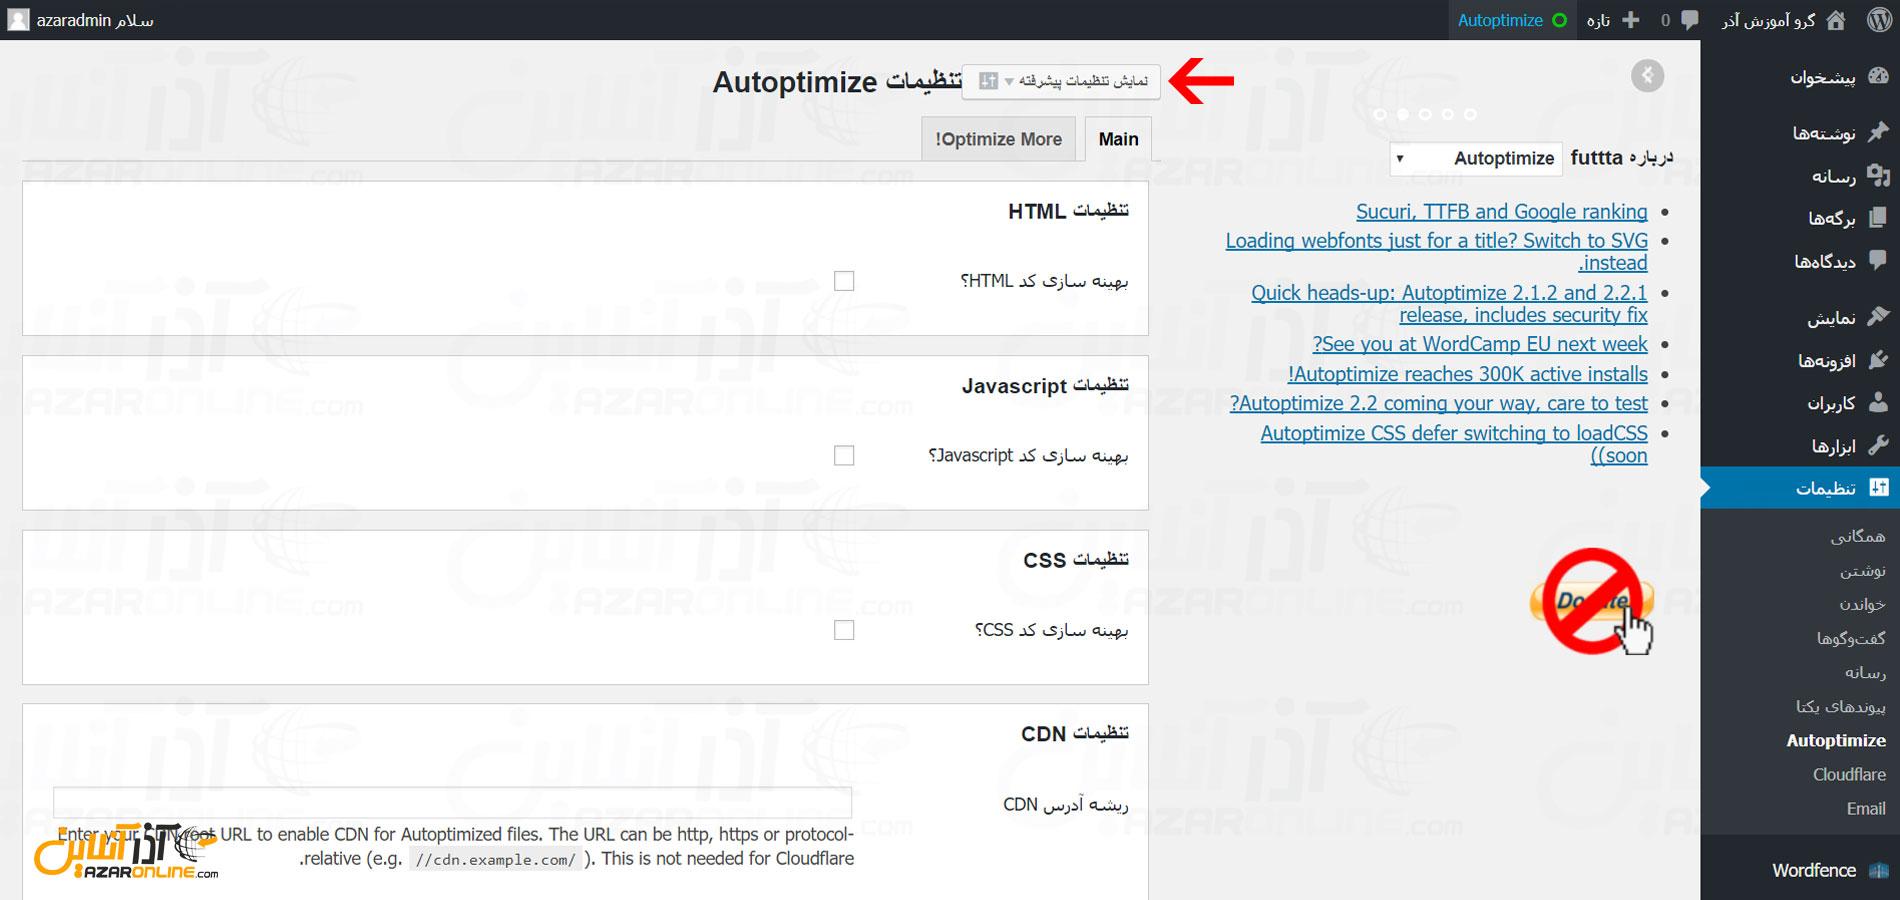 تنظیمات پیشرفته افزونه Autoptimize